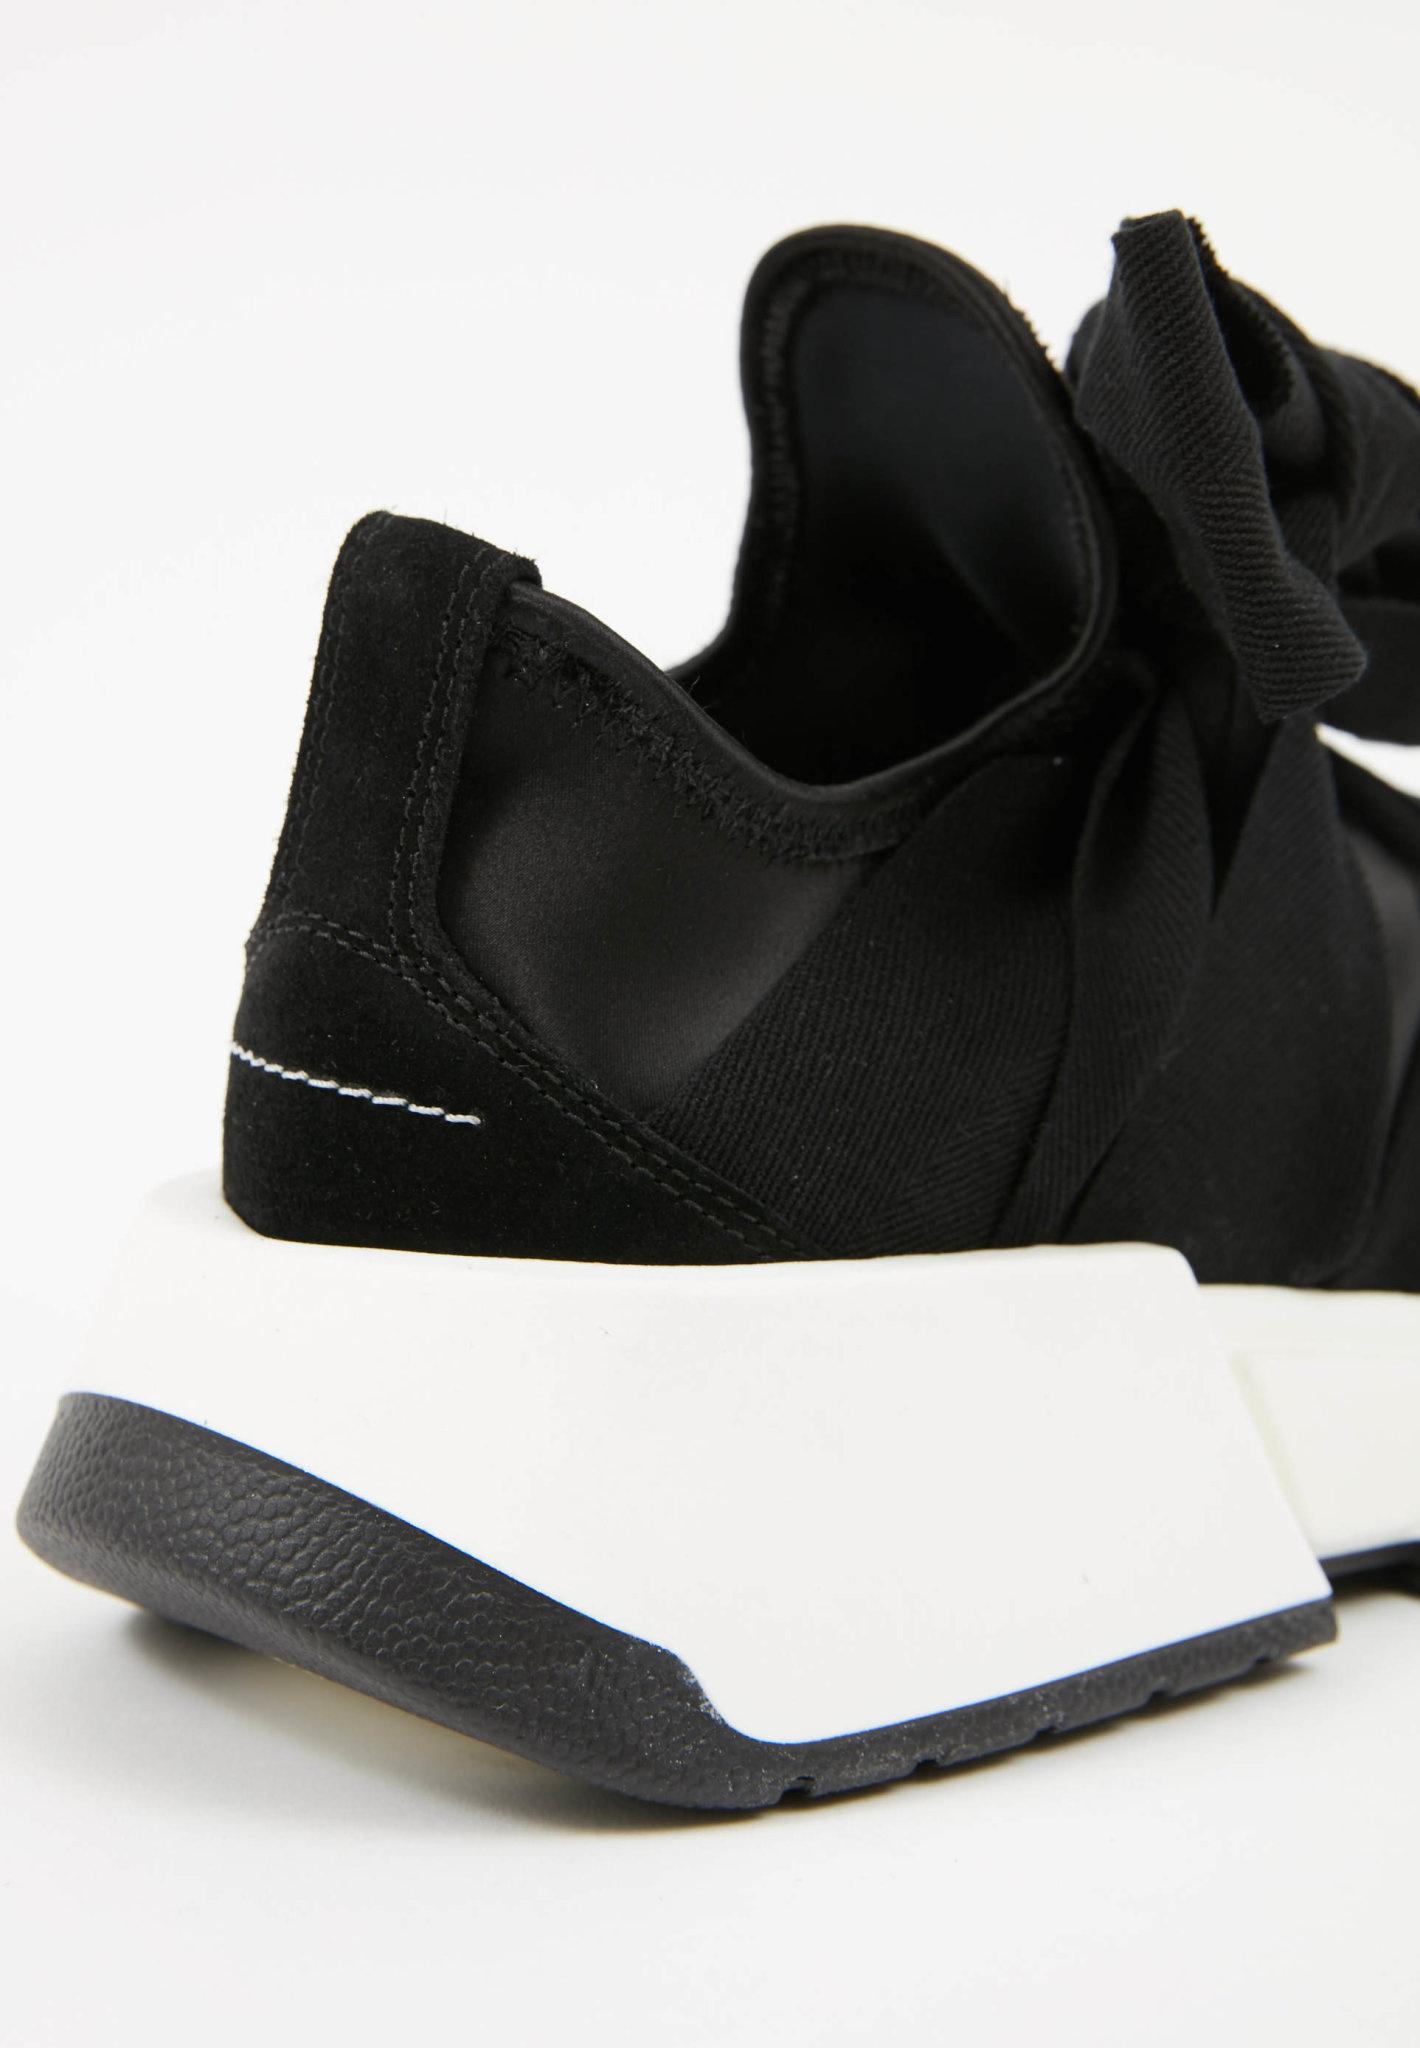 MM6 MAISON MARGIELA Ribbon Sneaker in Black